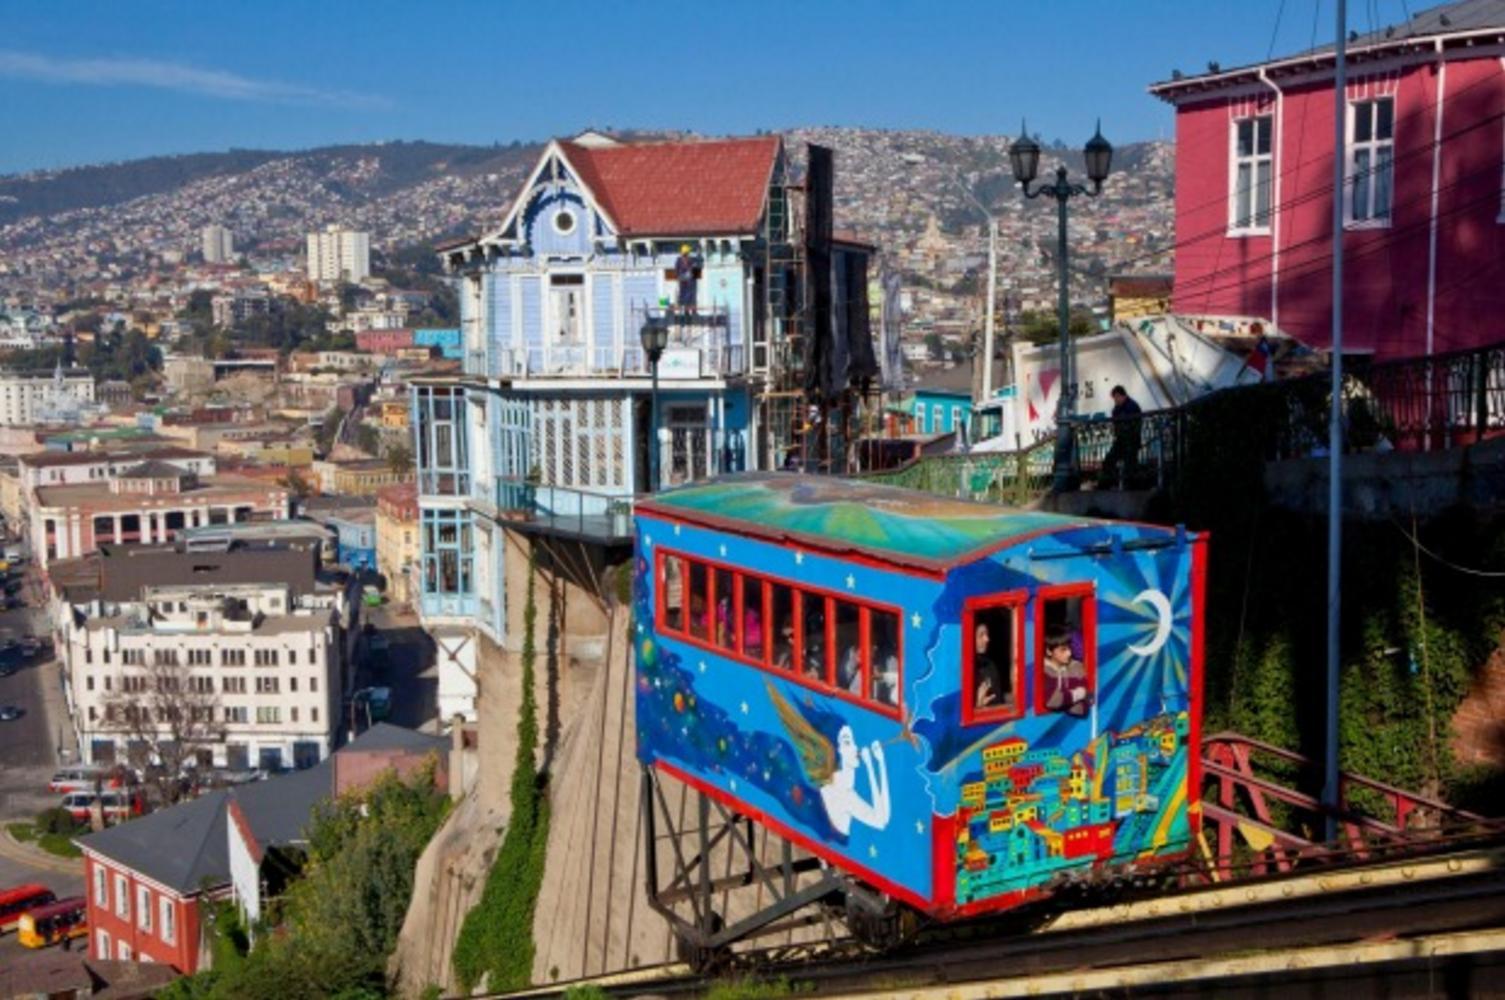 Valparaíso funicular, Chile